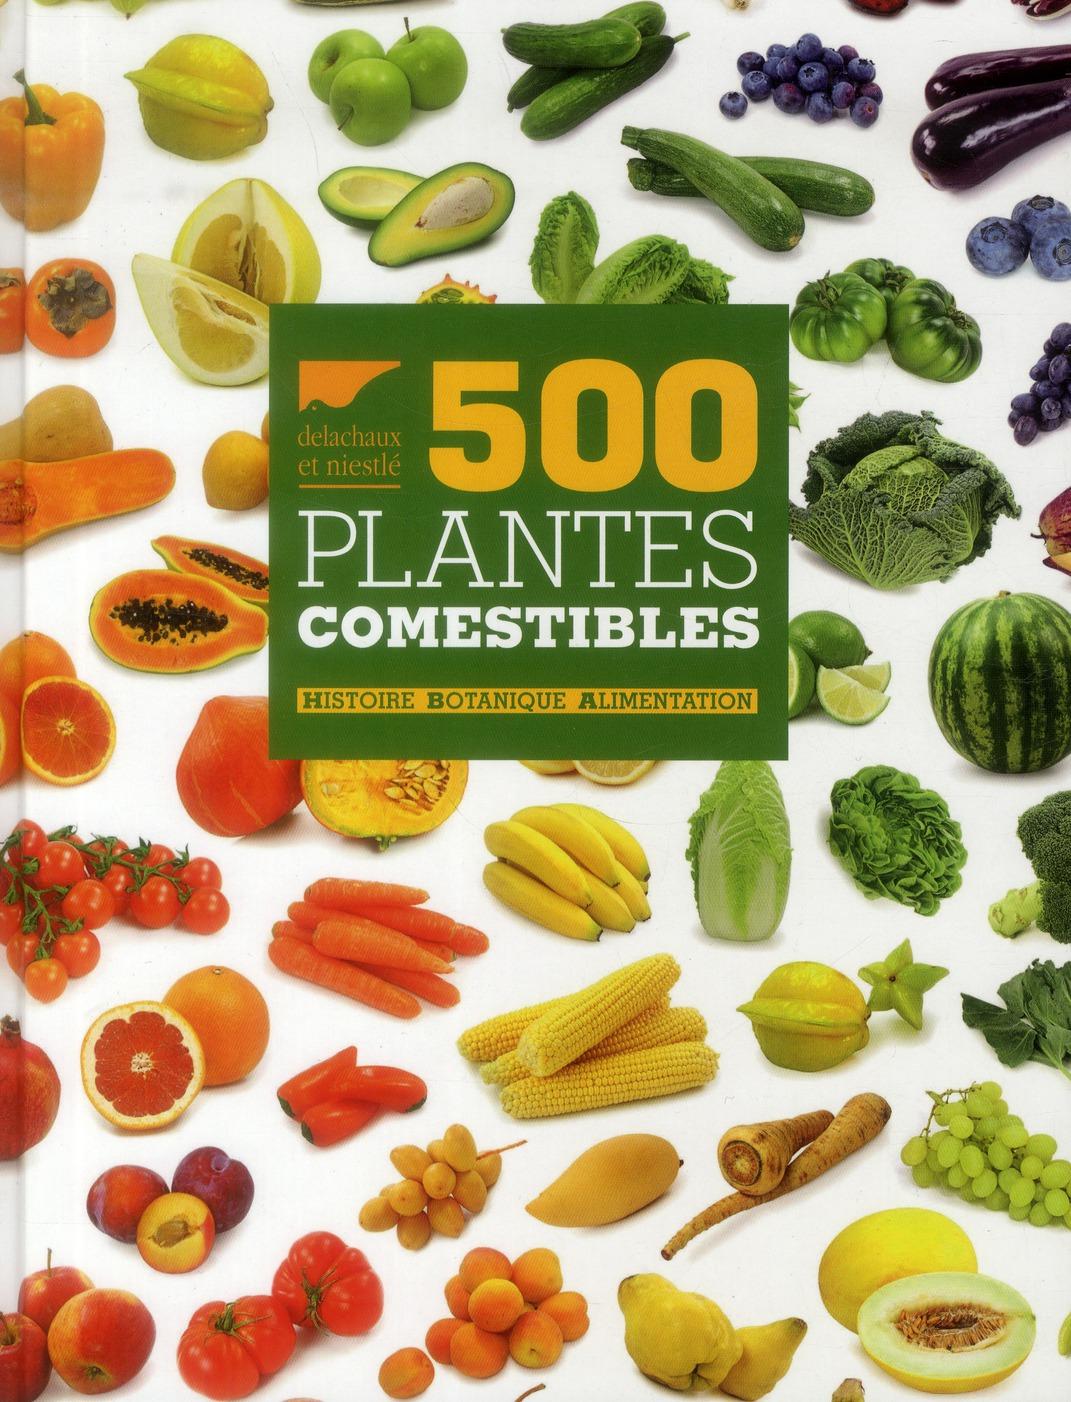 500 PLANTES COMESTIBLES  -  HISTOIRE - BOTANIQUE - ALIMENTATION COLLECTIF Delachaux et Niestlé